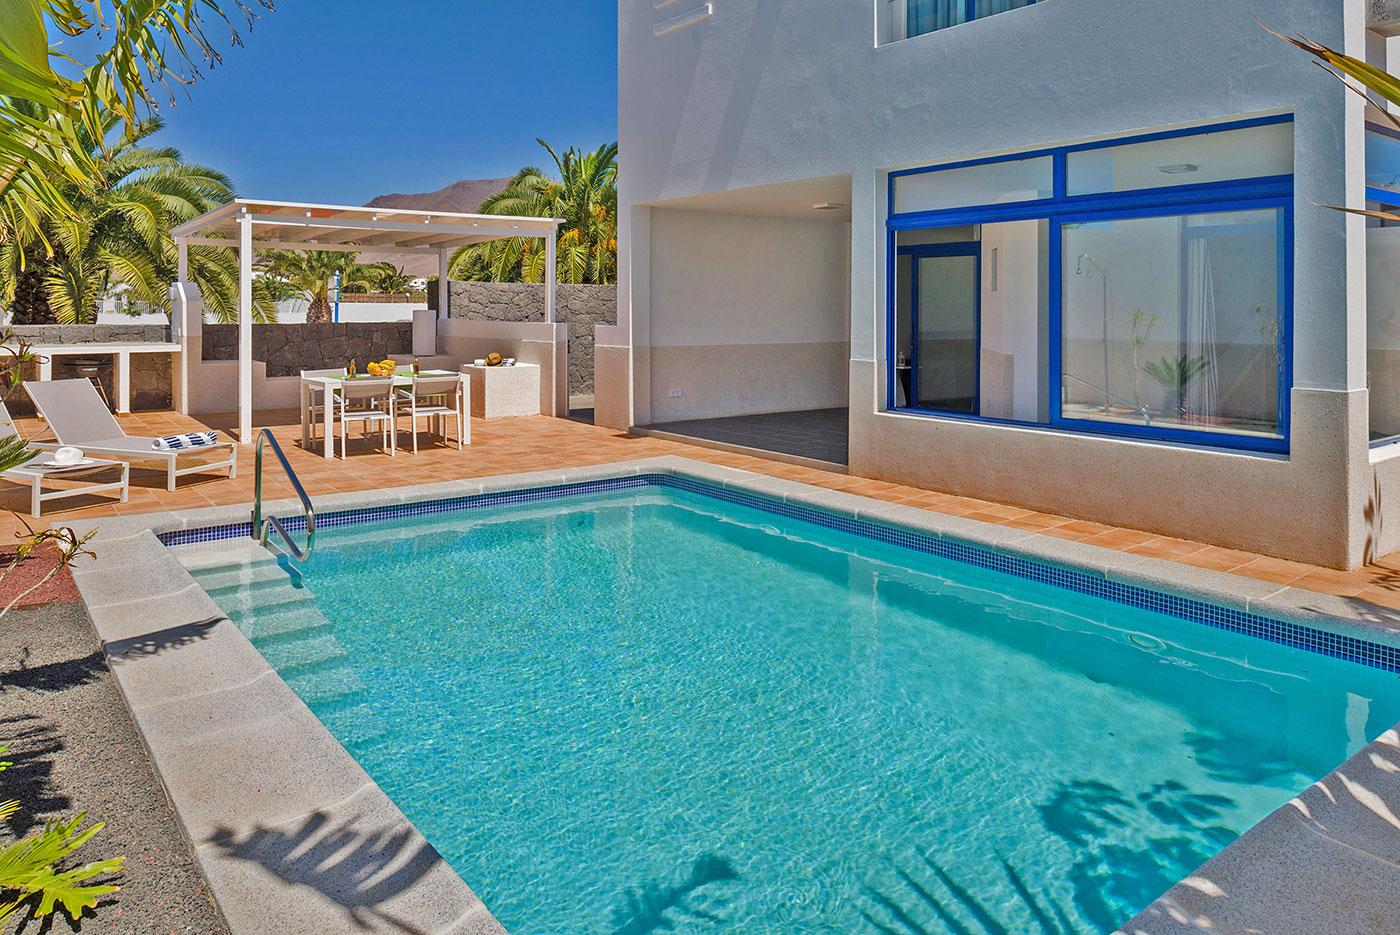 villa-yawl-lanzarote-private-pool